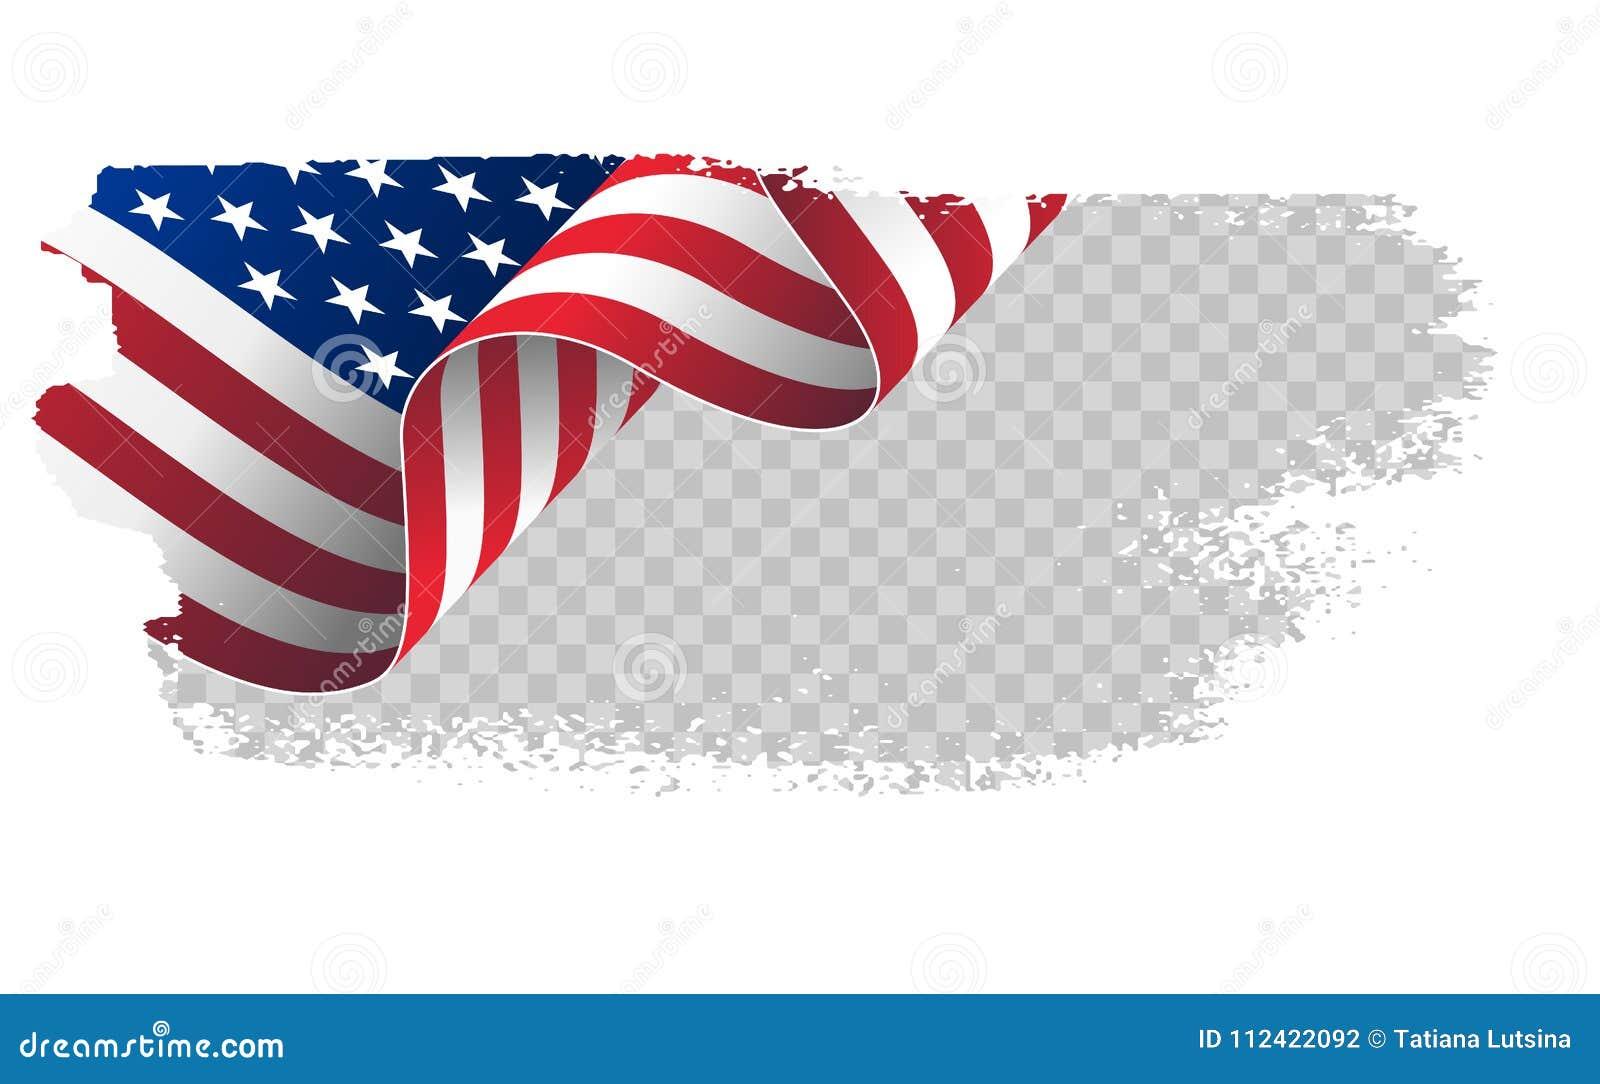 Bandera que agita los Estados Unidos de América bandera americana ondulada del ejemplo para el fondo del movimiento del cepillo d